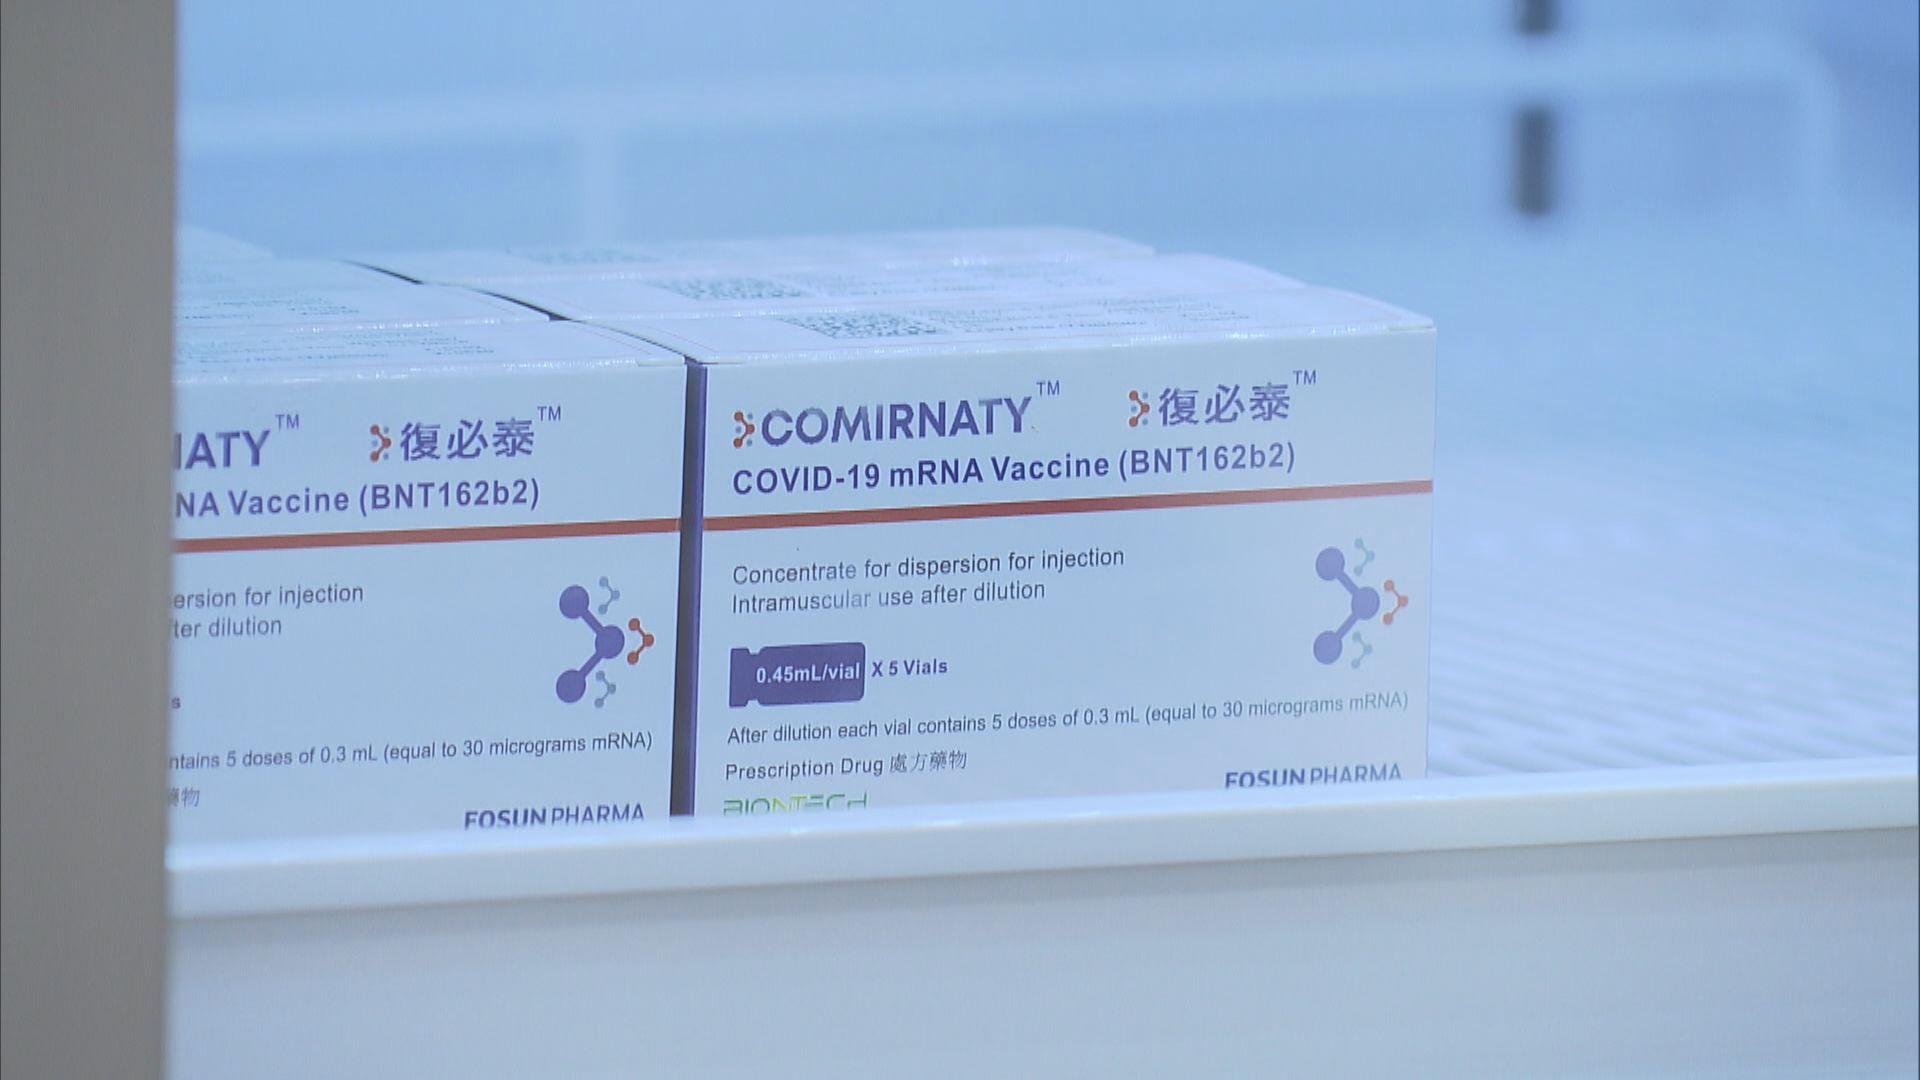 復星發公告指今早通知港澳相關部門暫停接種復必泰疫苗